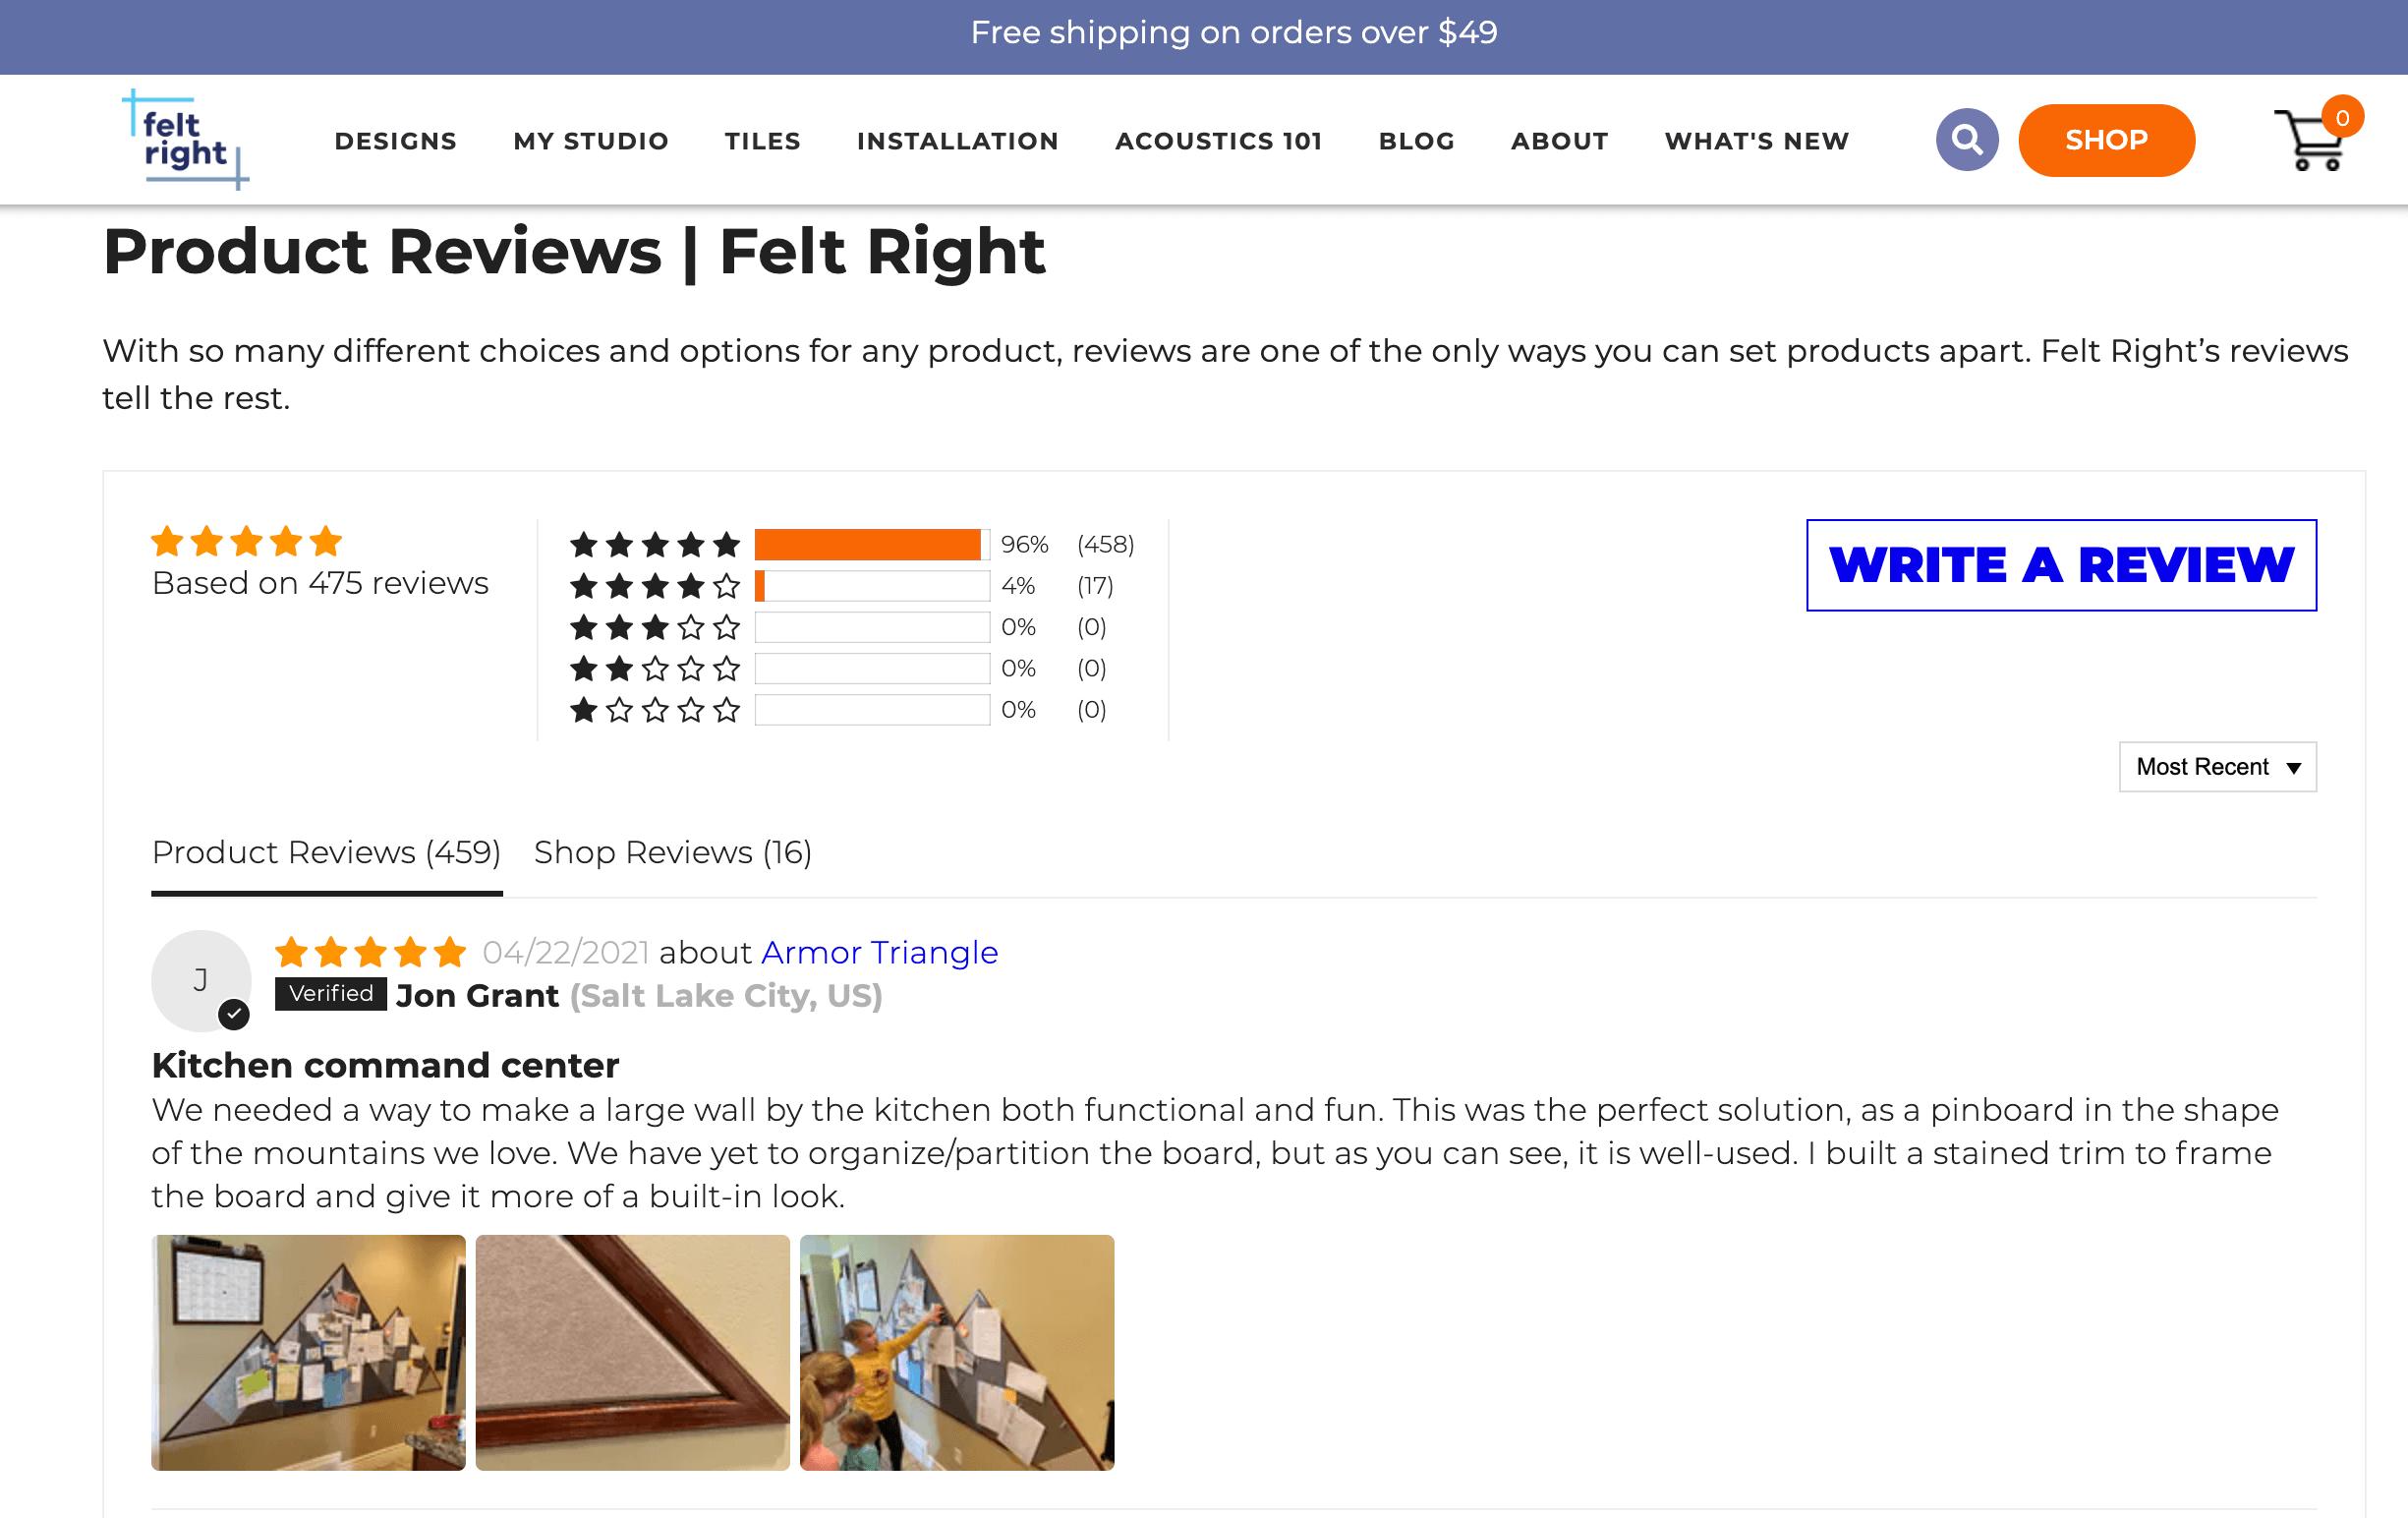 Felt Right customer reviews